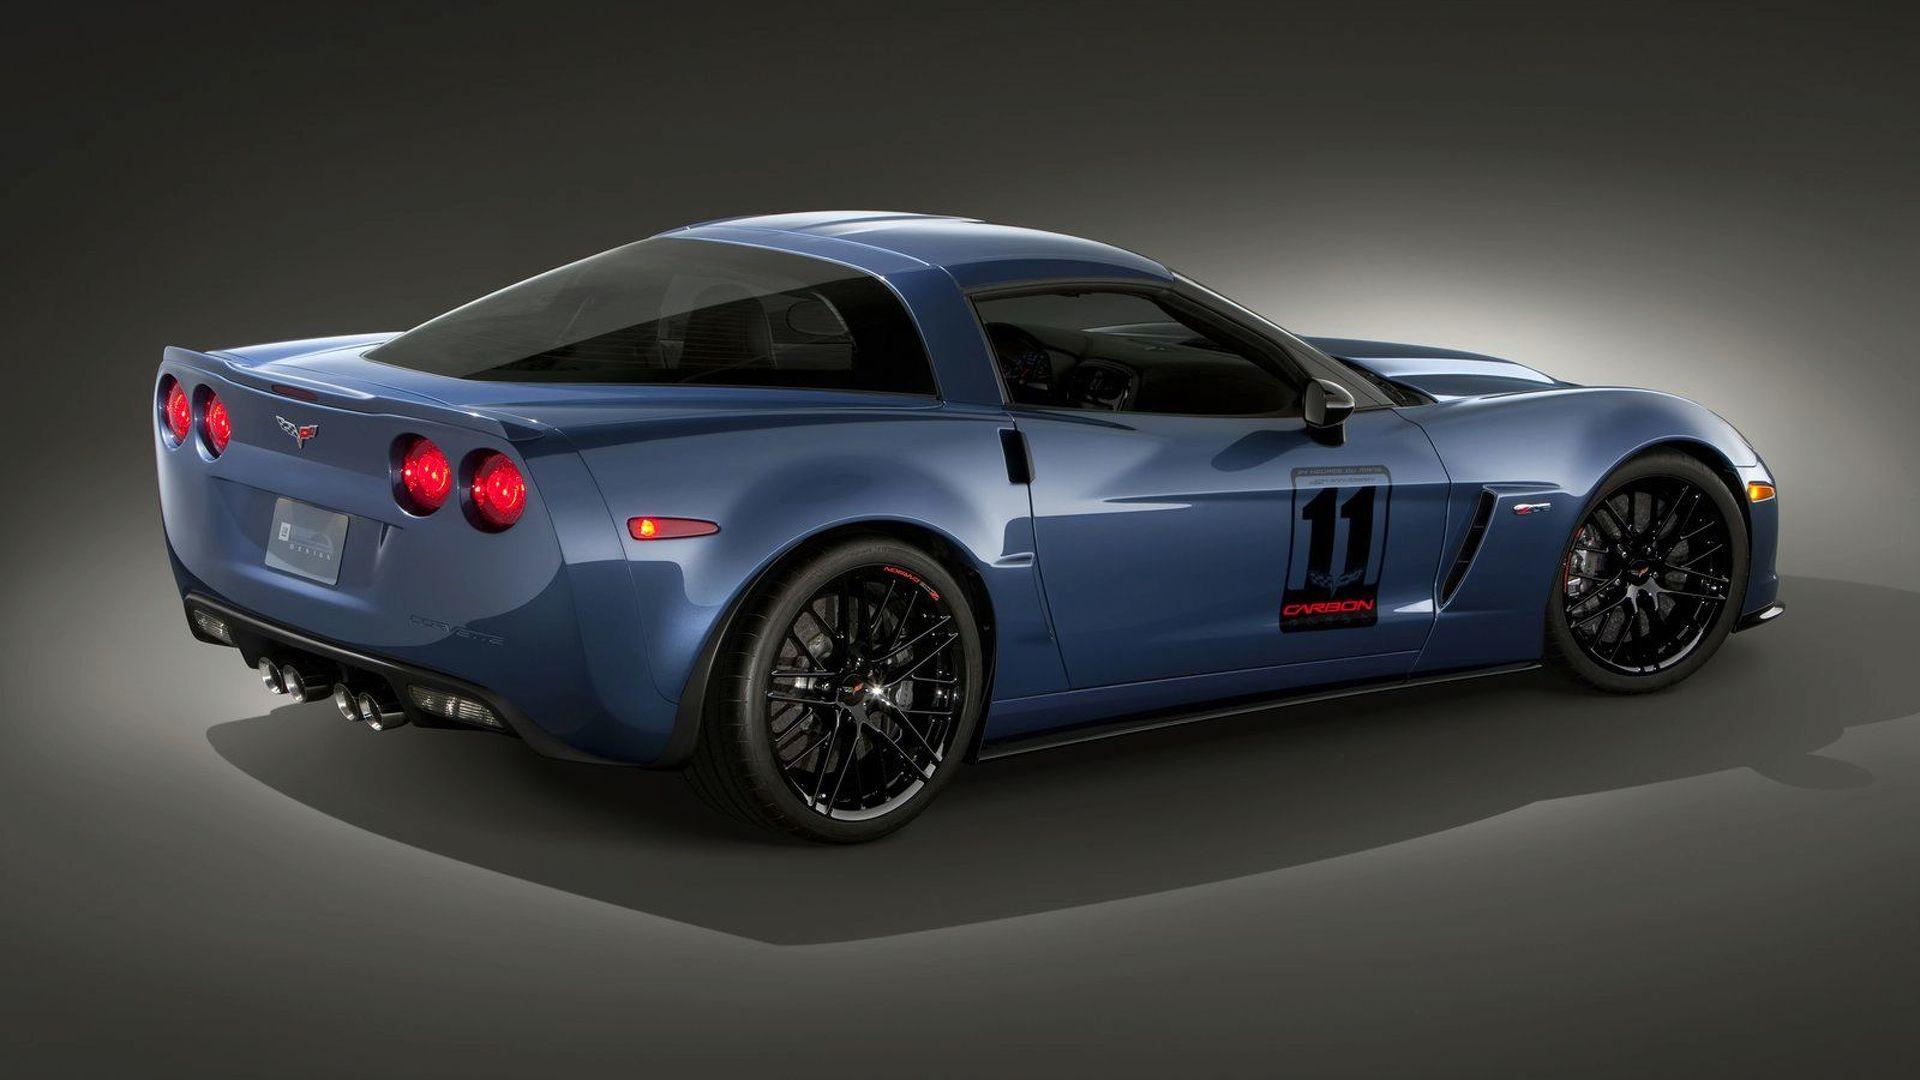 2011 Corvette Z06 Carbon Limited Edition Announced